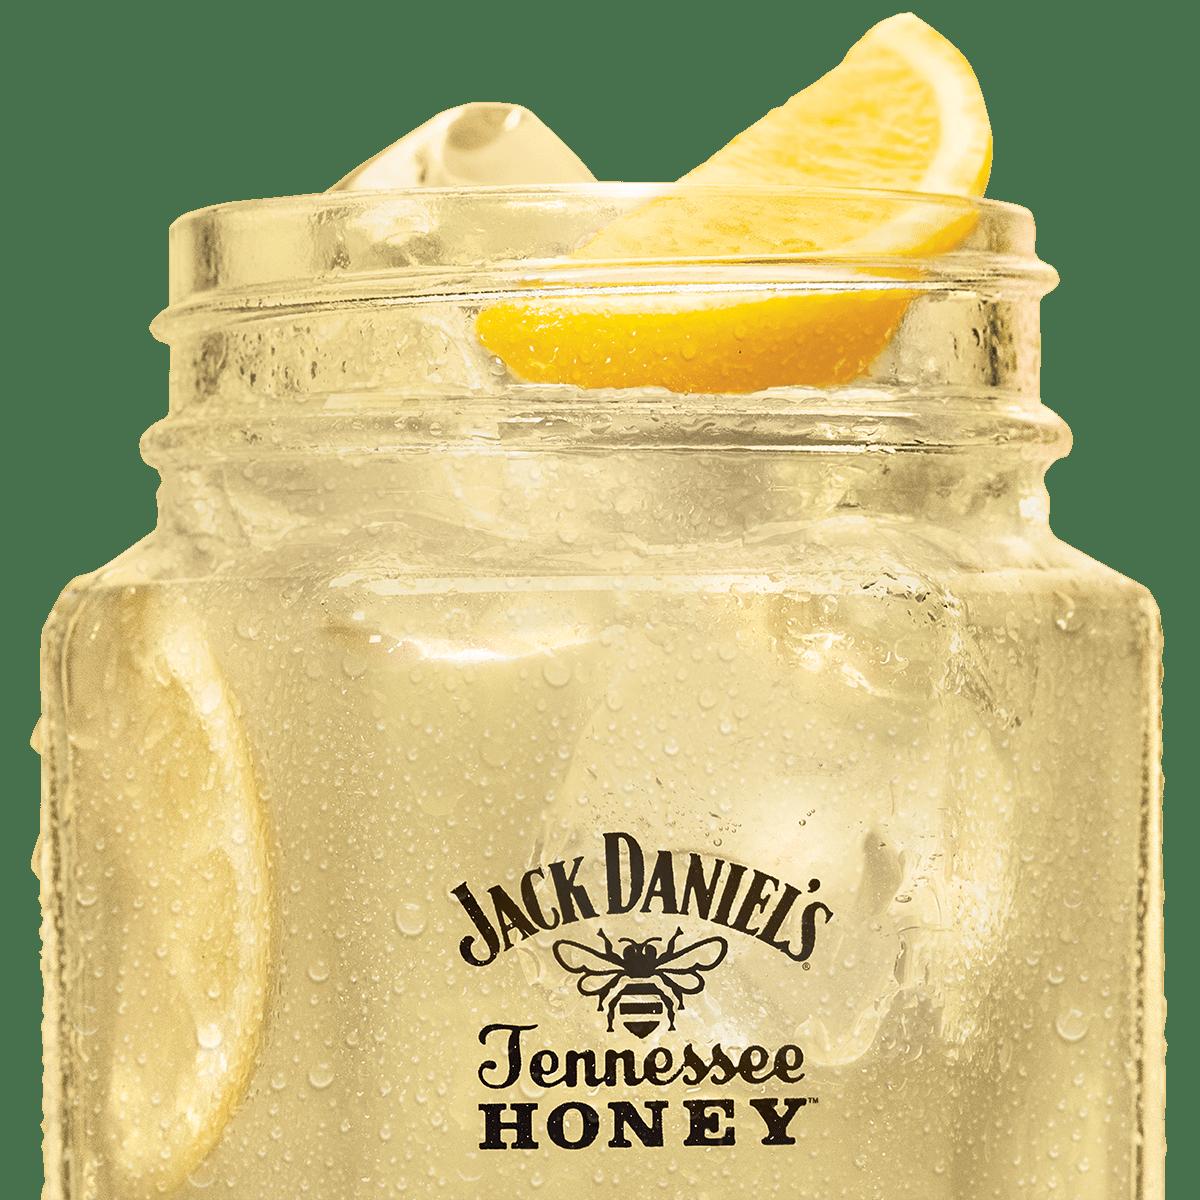 Coquetel Tennessee Honey and Lemonade servido com cunha de limão